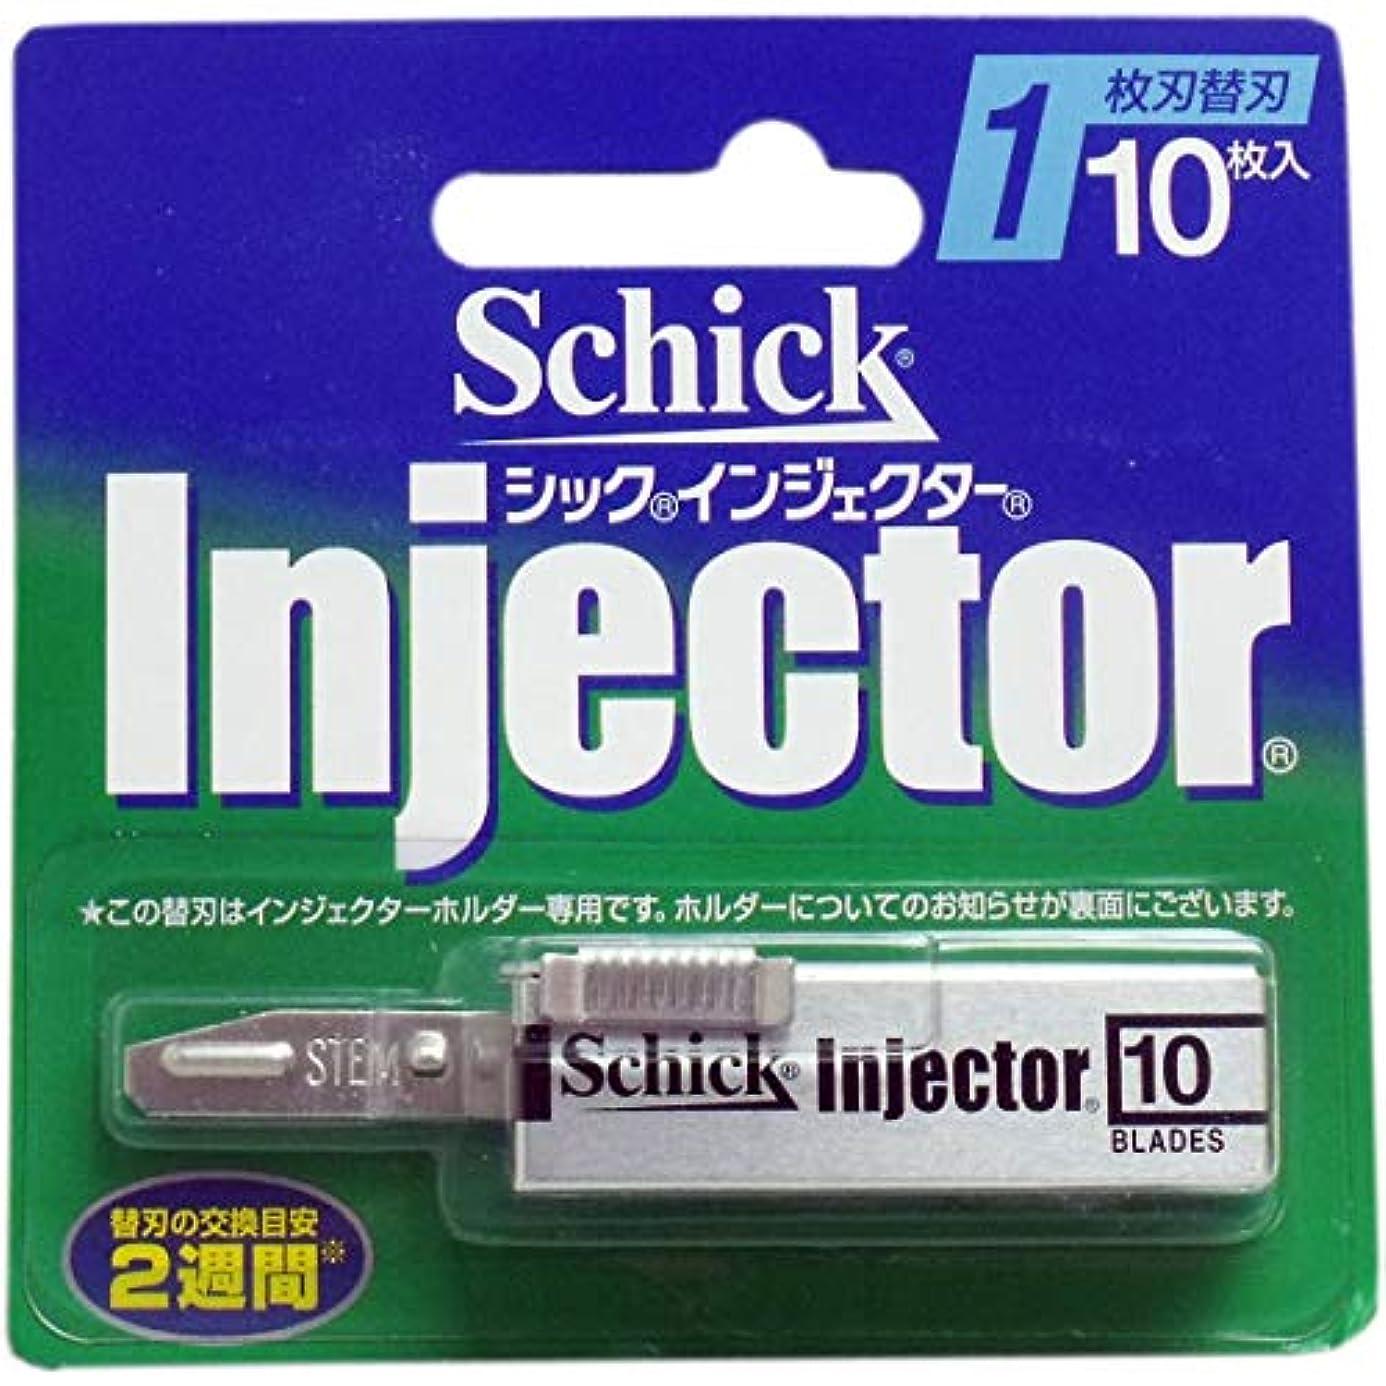 クスクスそう囲むシック インジェクター 1枚刃 替刃 10枚入(単品)